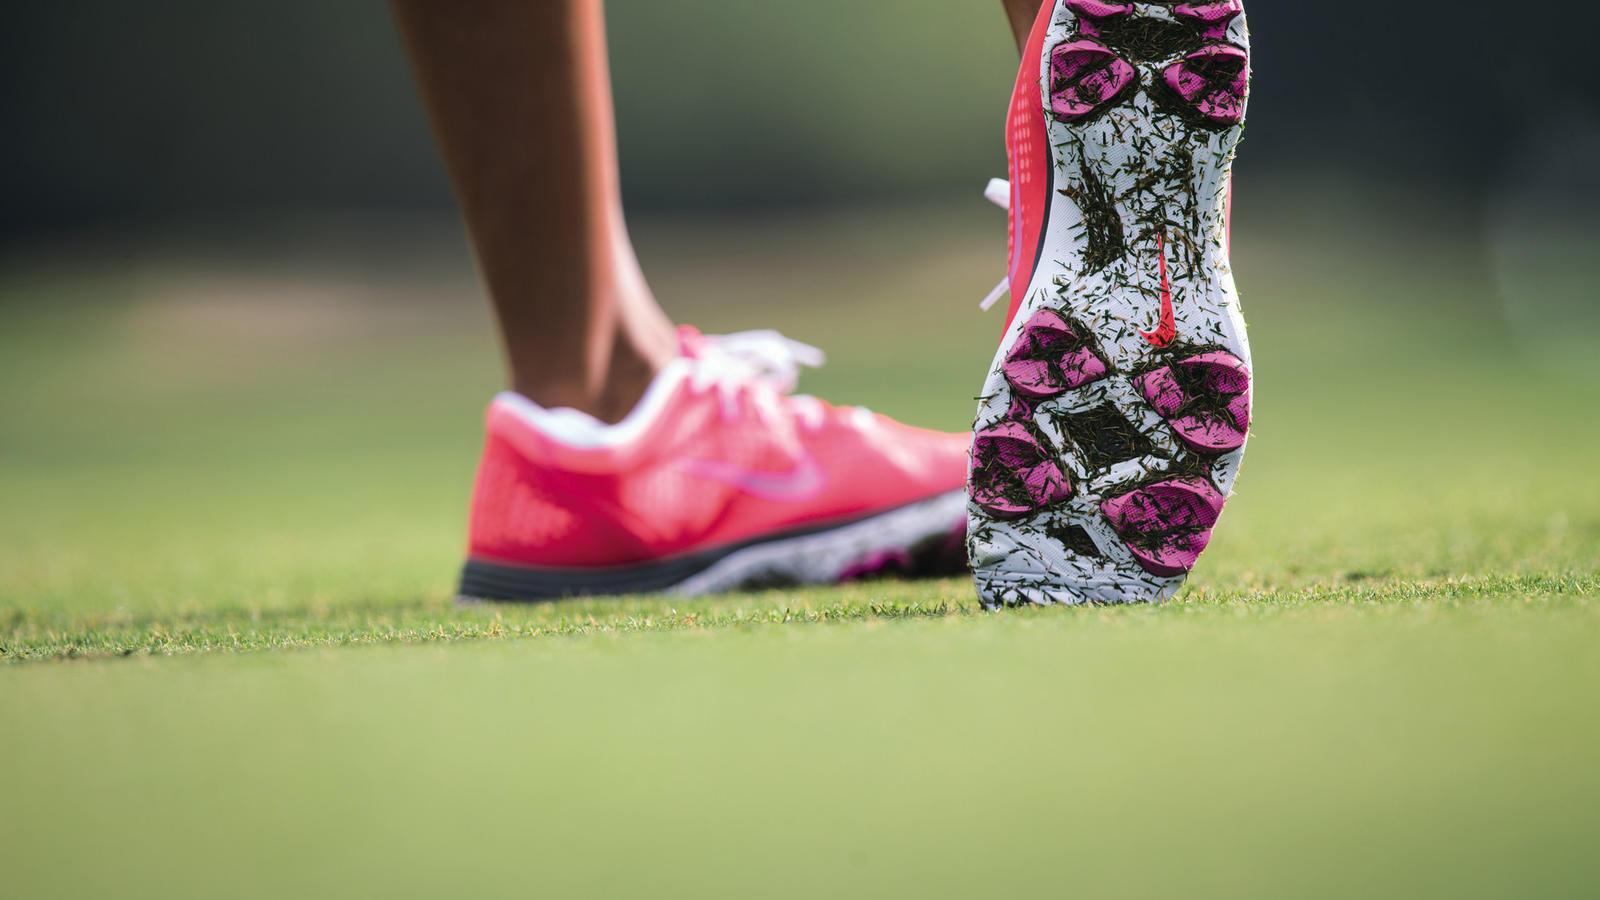 lunar empress 2 women's golf shoes